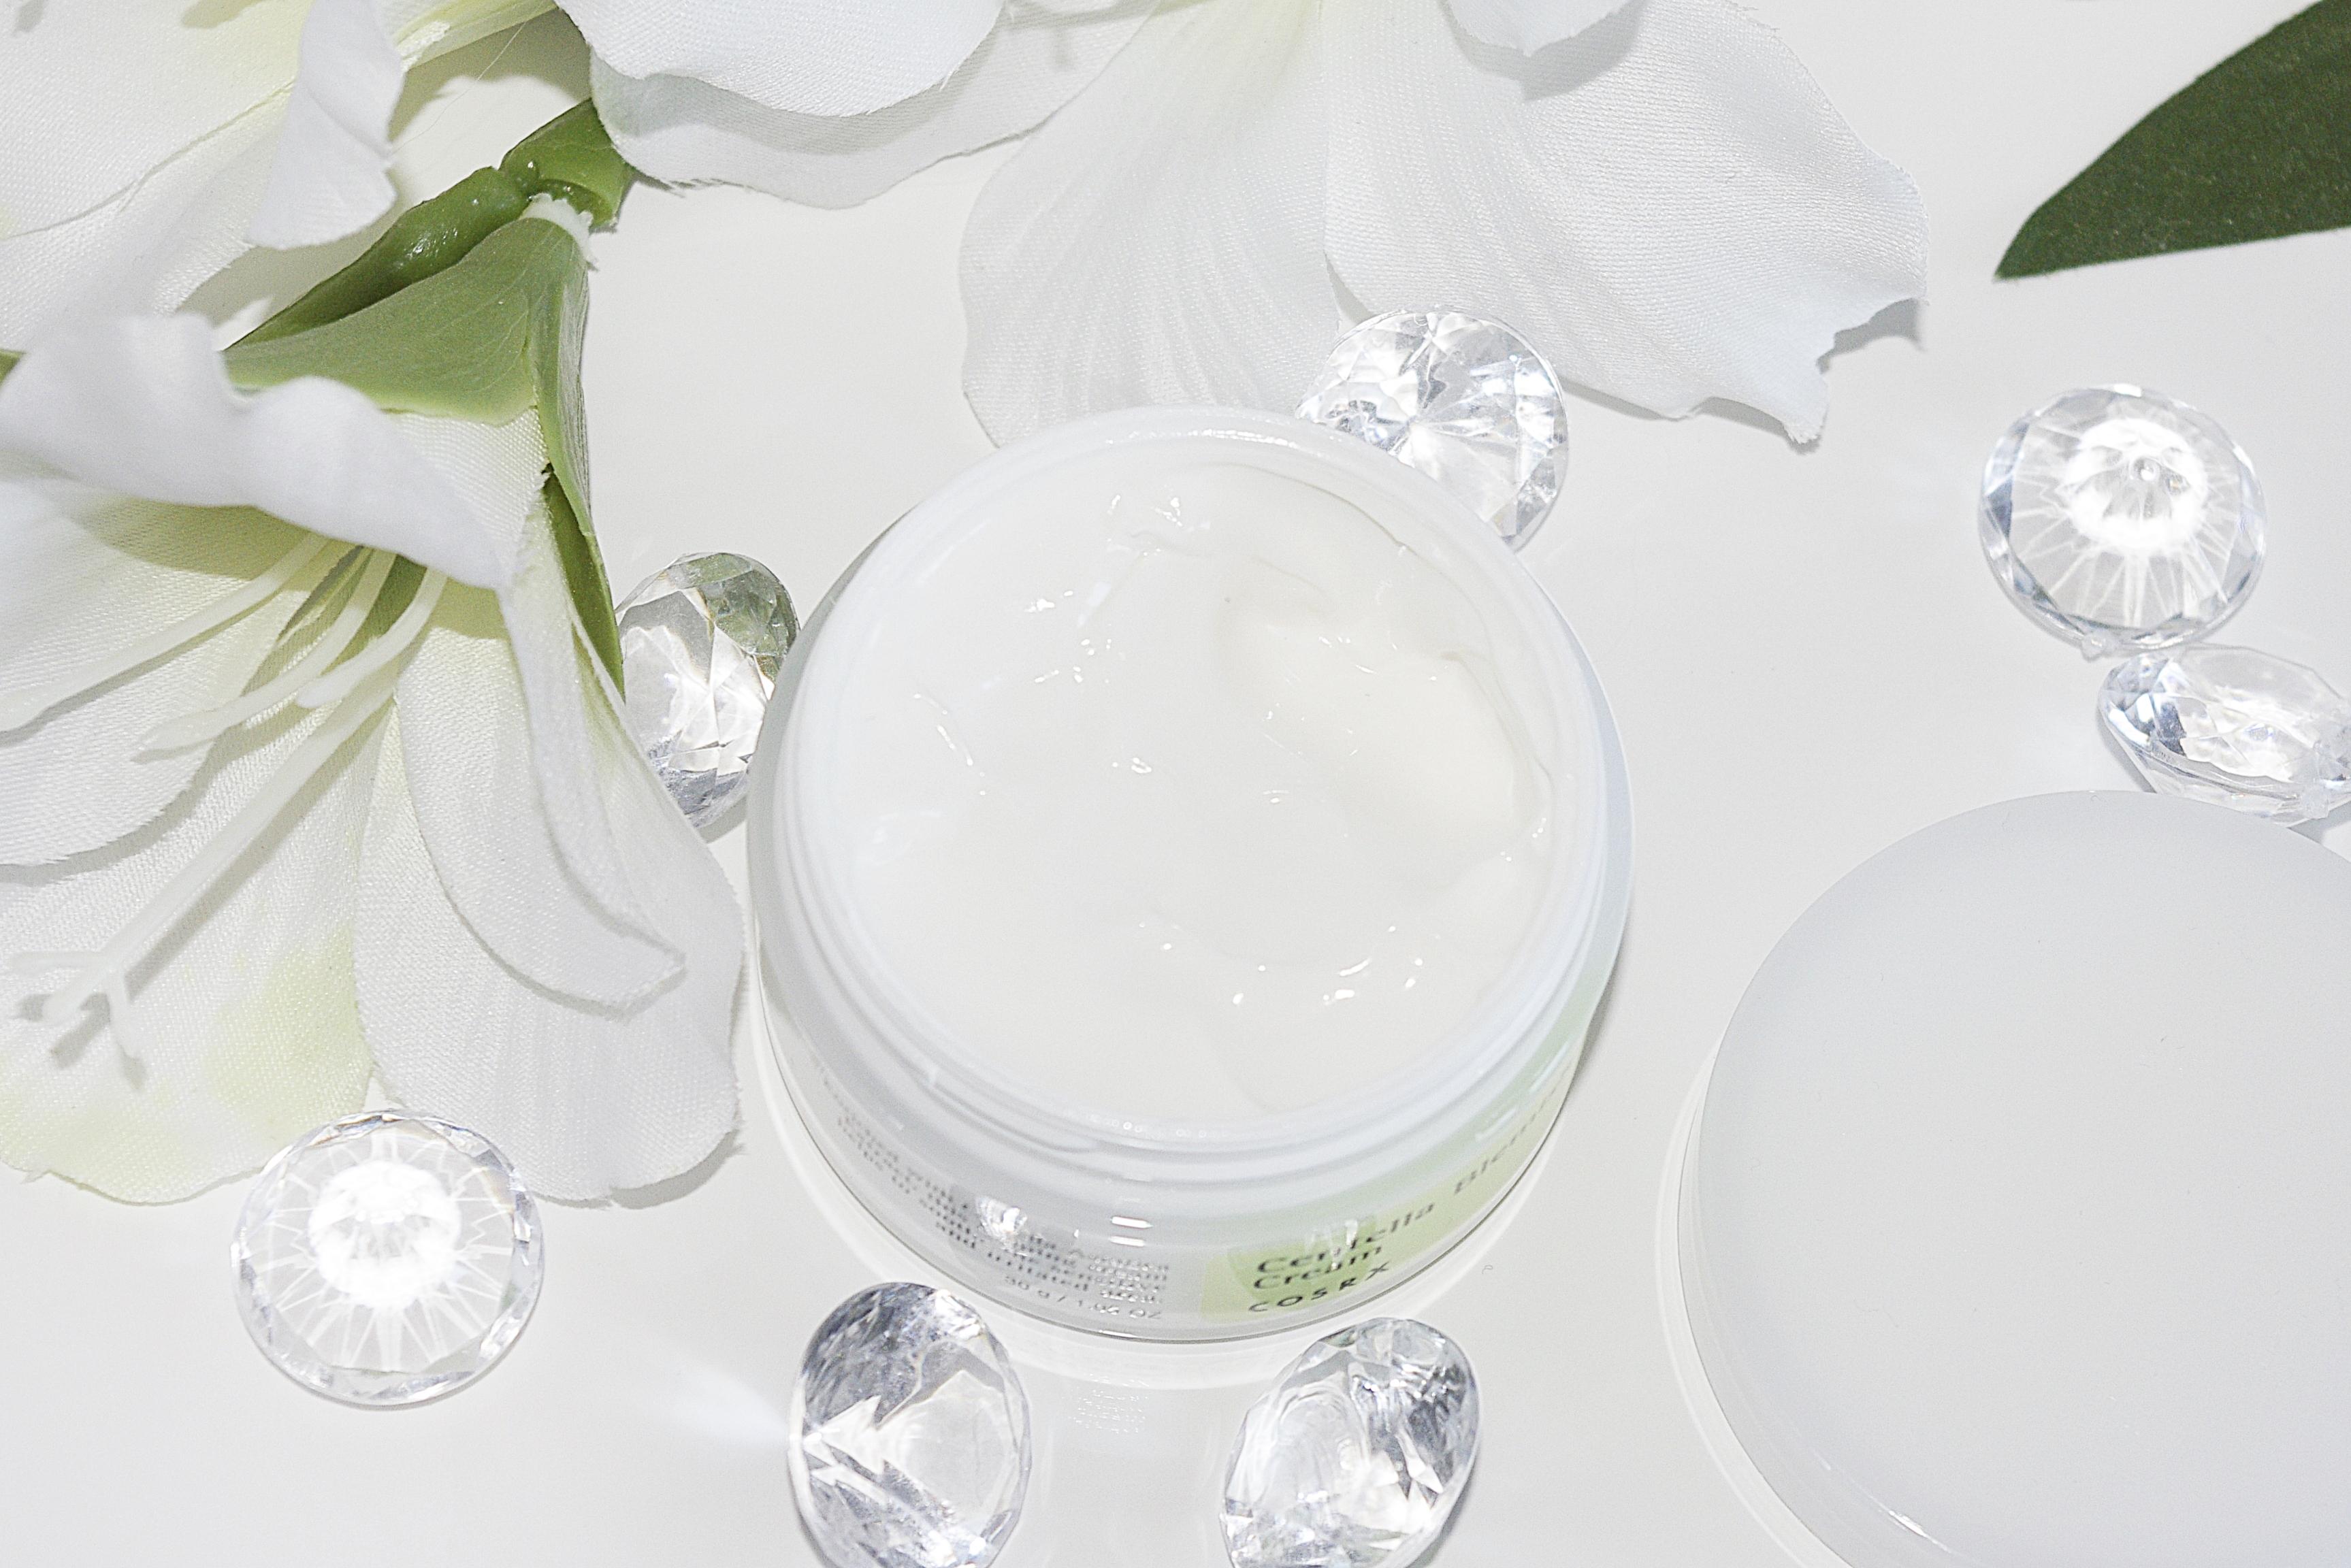 Cosrx Centella Blemish Cream